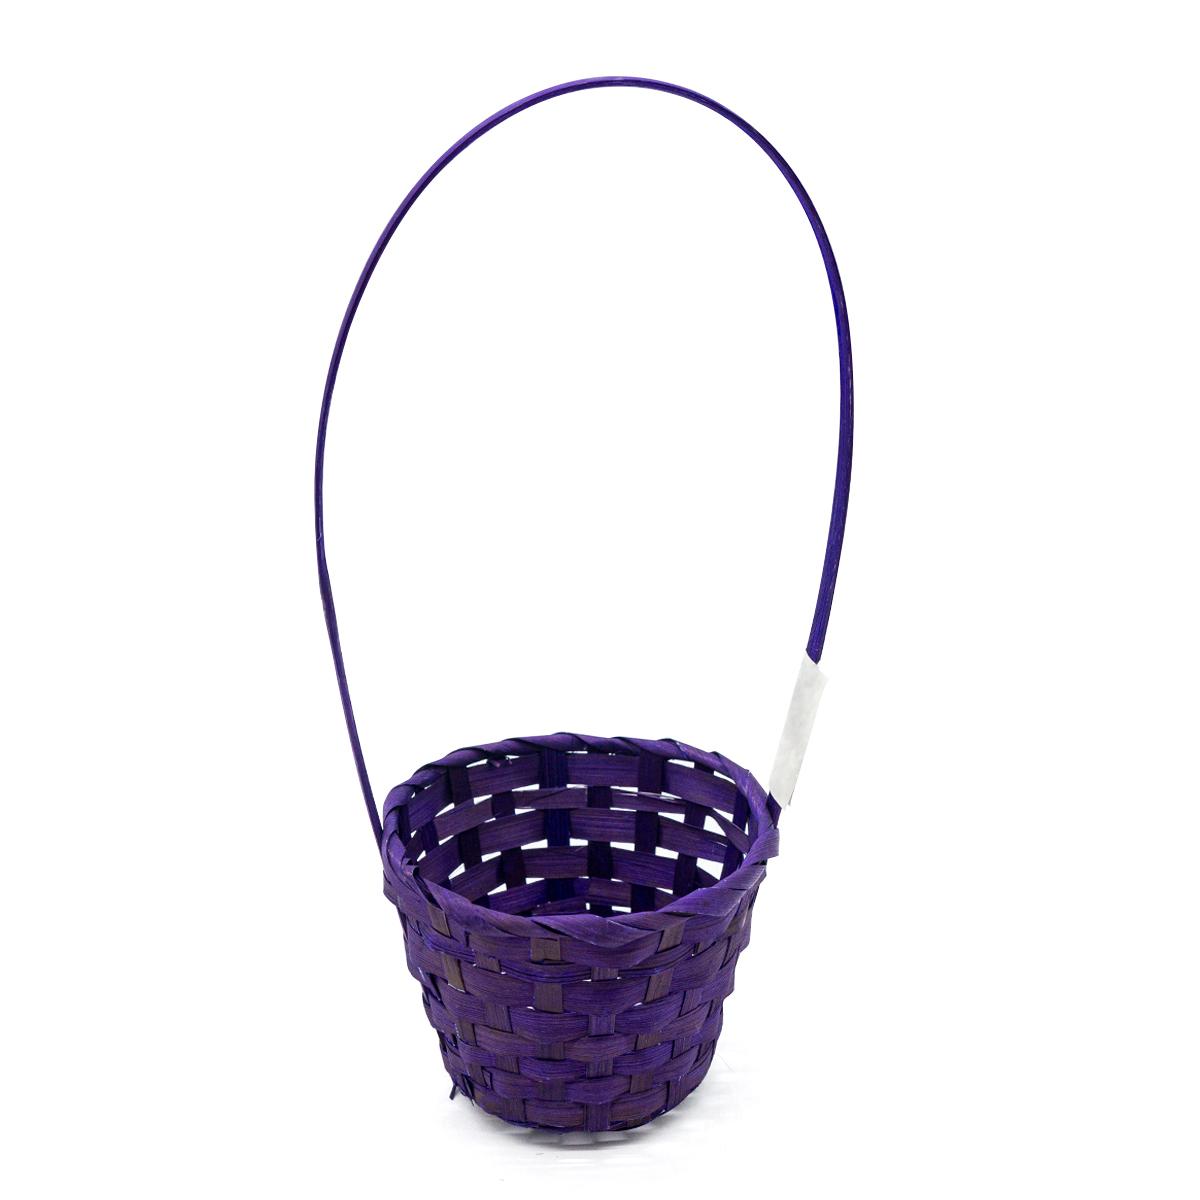 66943 Корзина плетеная бамбук D13*9.5/28см фиолетовый